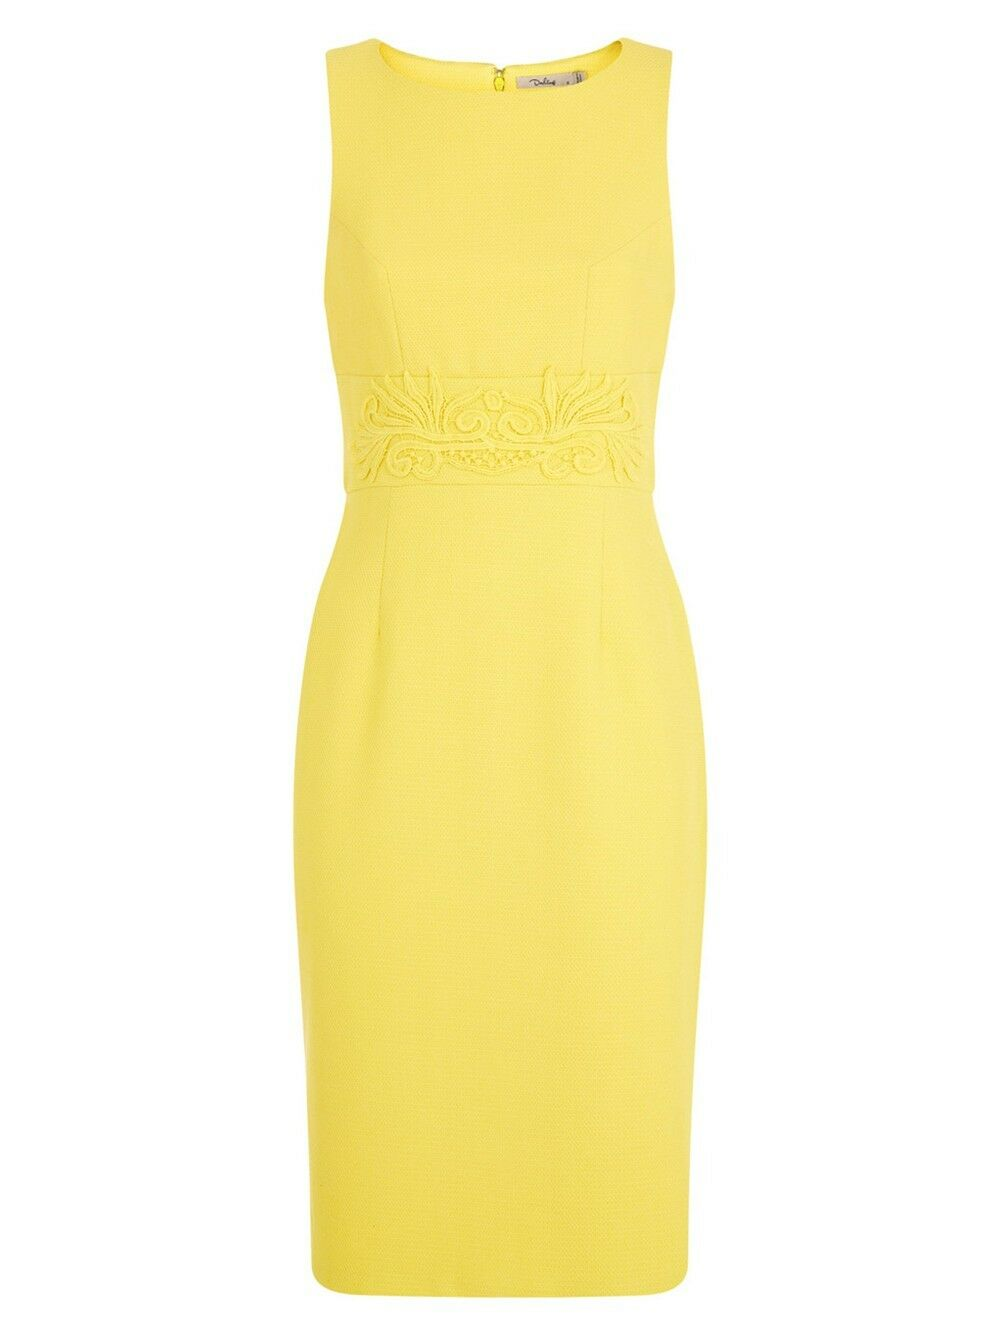 Darling Abigail Dress Dress Dress RRP79 Sunshine Yellow Lace Waist Panel Occasion 51daa4